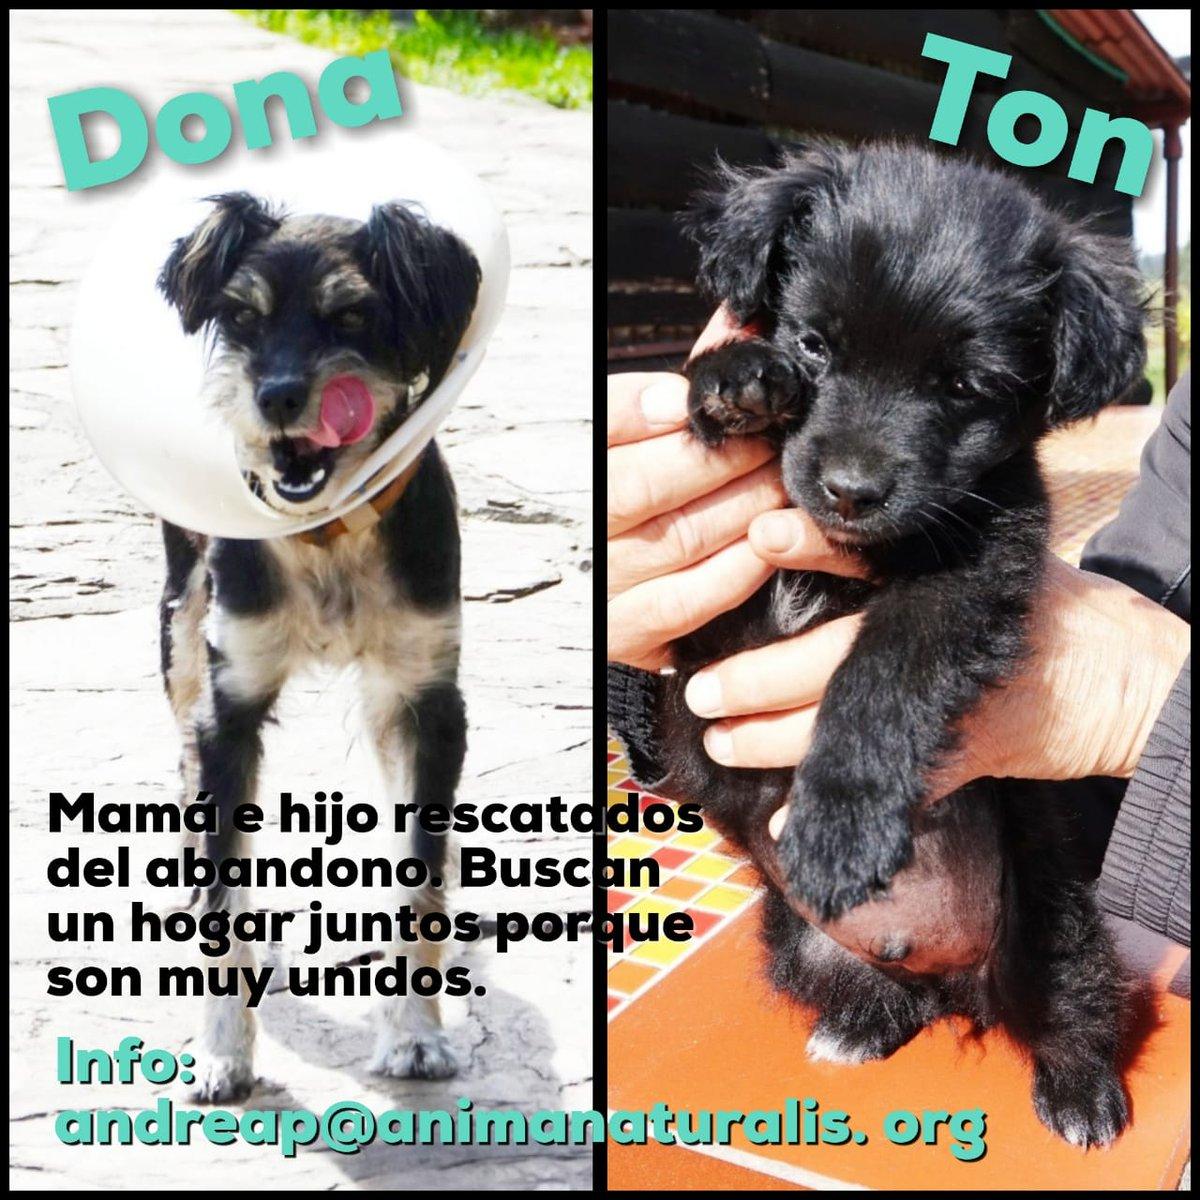 ¿Recuerdan a la familia de perritos que rescaté hace aprox. un mes en una vereda de Subachoque? ¡Ya están listos para adopción! Mamá y bebé van juntos, si o si ❤️ Interesados, escribirme a: andreap@animanaturalis.org para enviarles el formulario de solicitud de adopción. Bogotá.